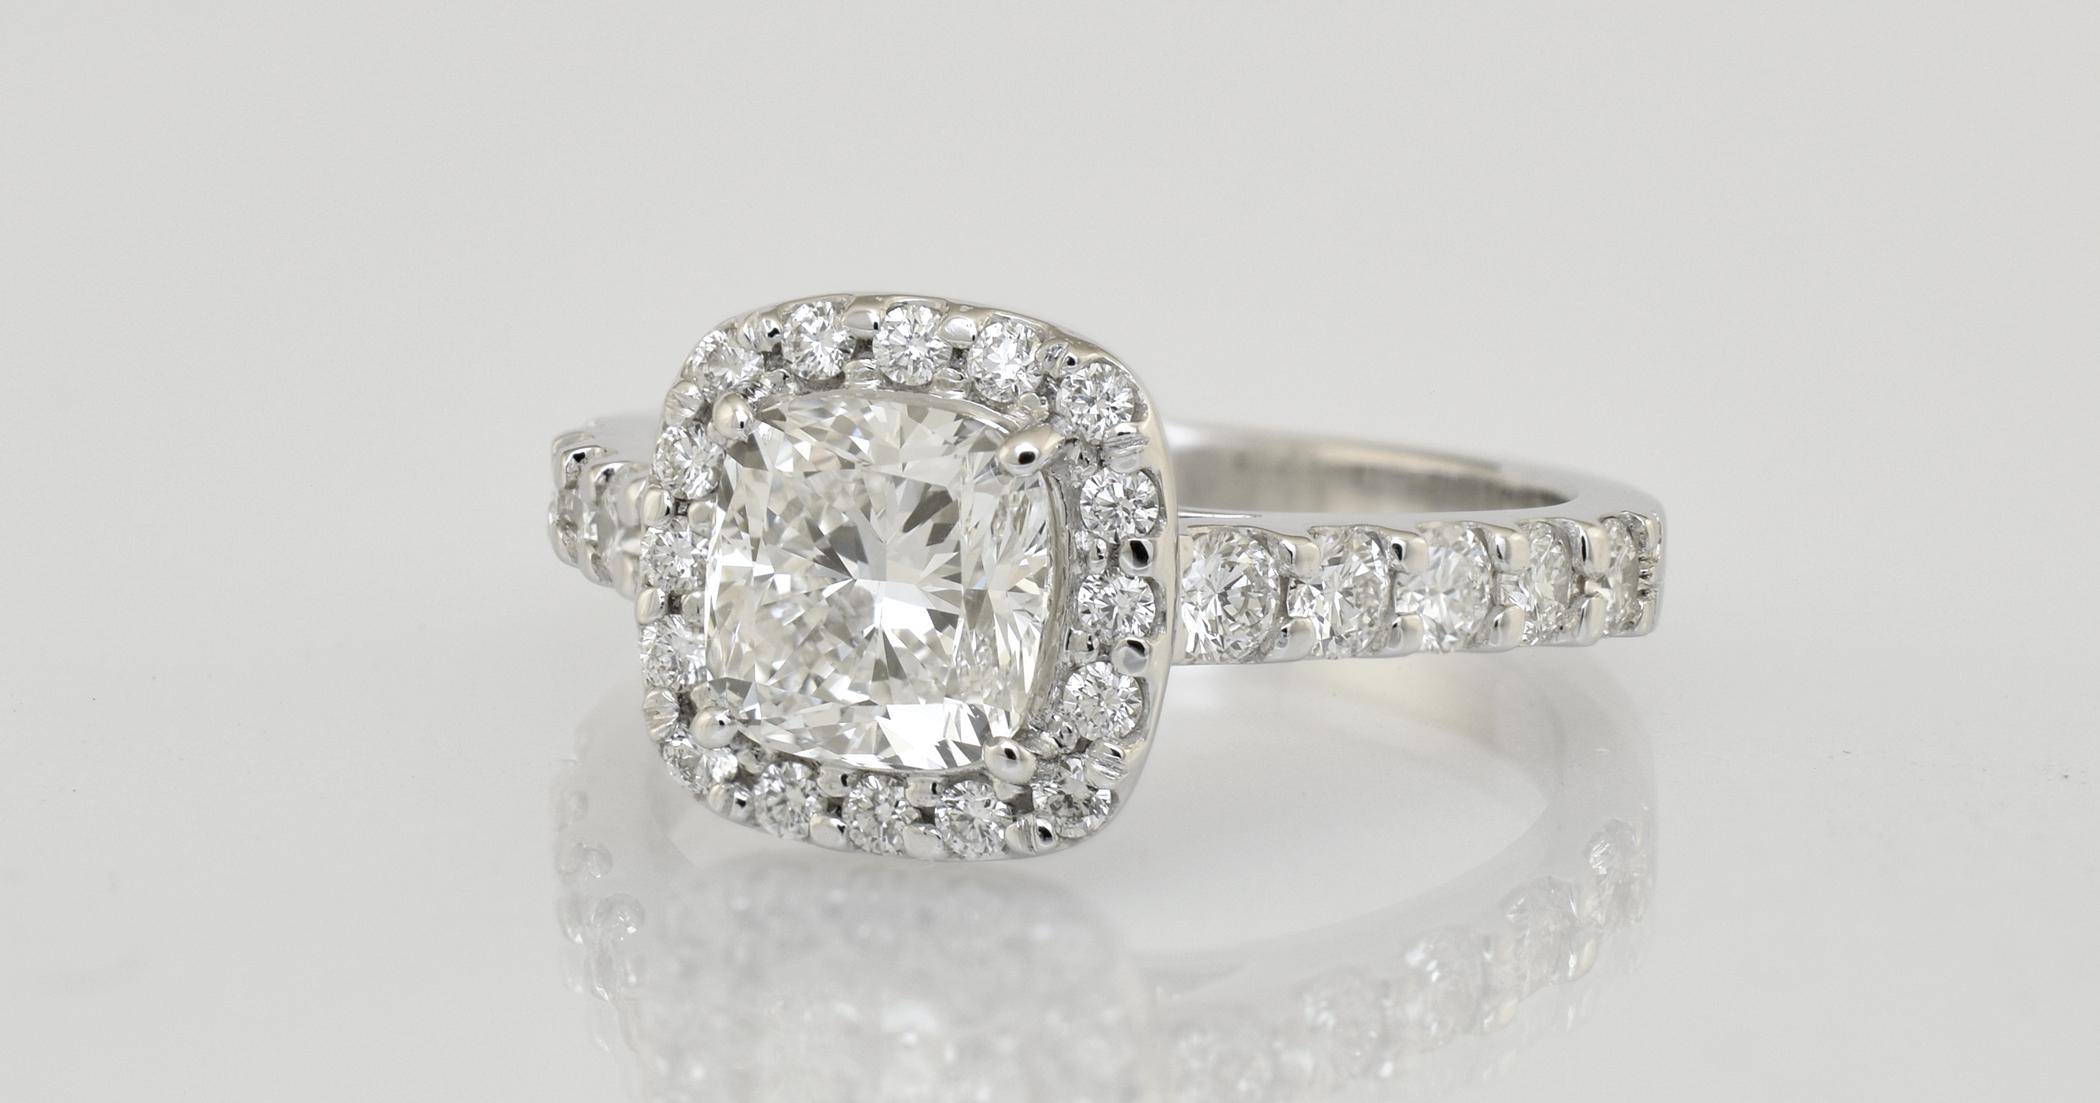 2 -.90 carat main diamond, cushion cut. Total diamond weight 1.30 carats